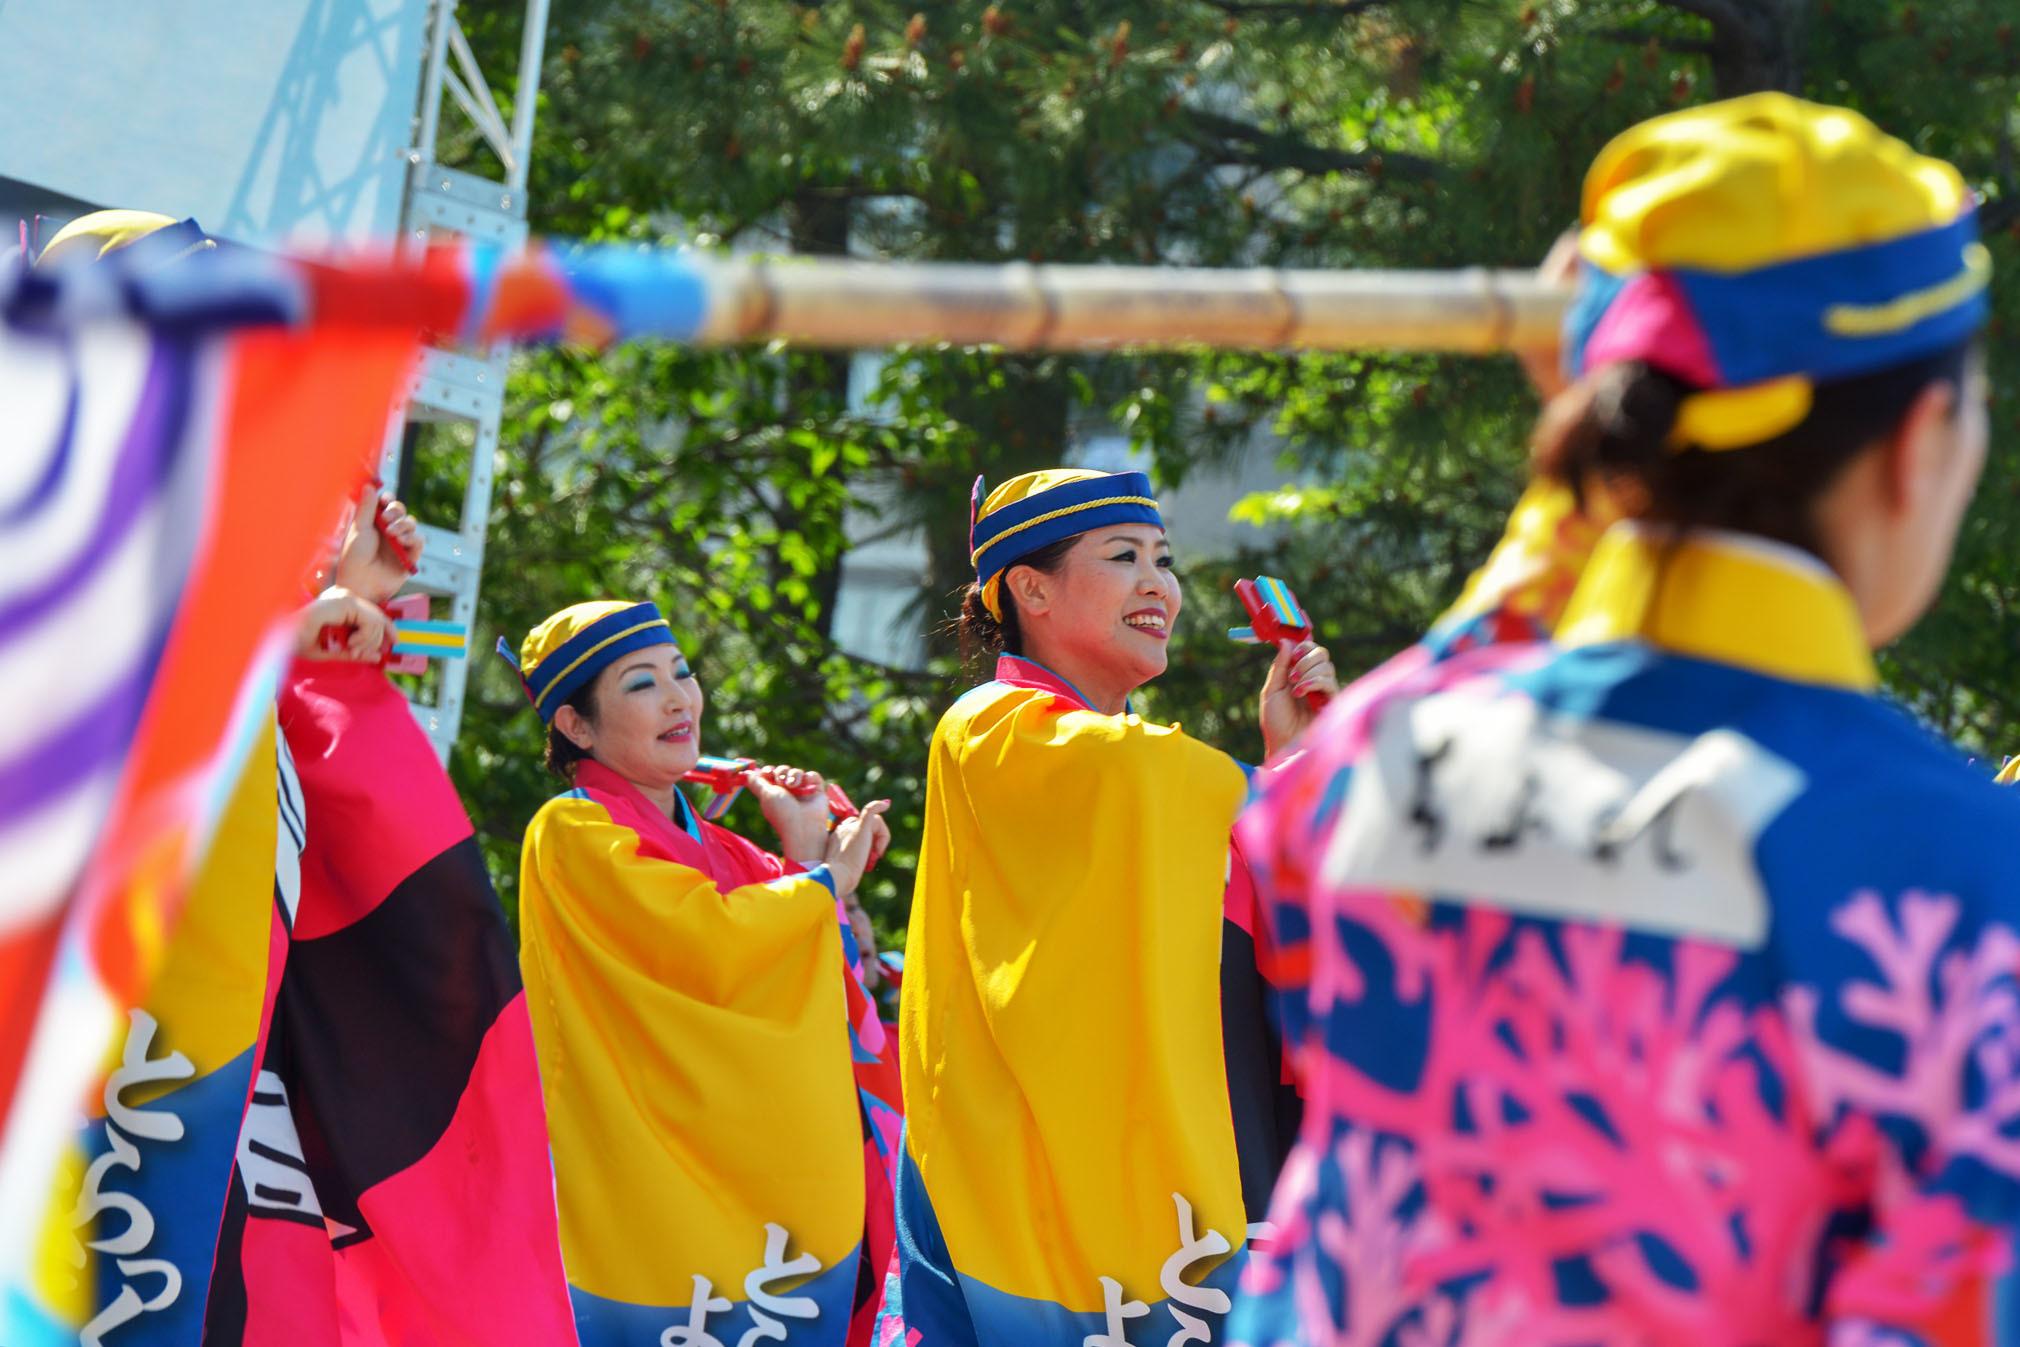 四国の祭り 2019 よさこいとらっく (ちふれ)_d0246136_23065277.jpg